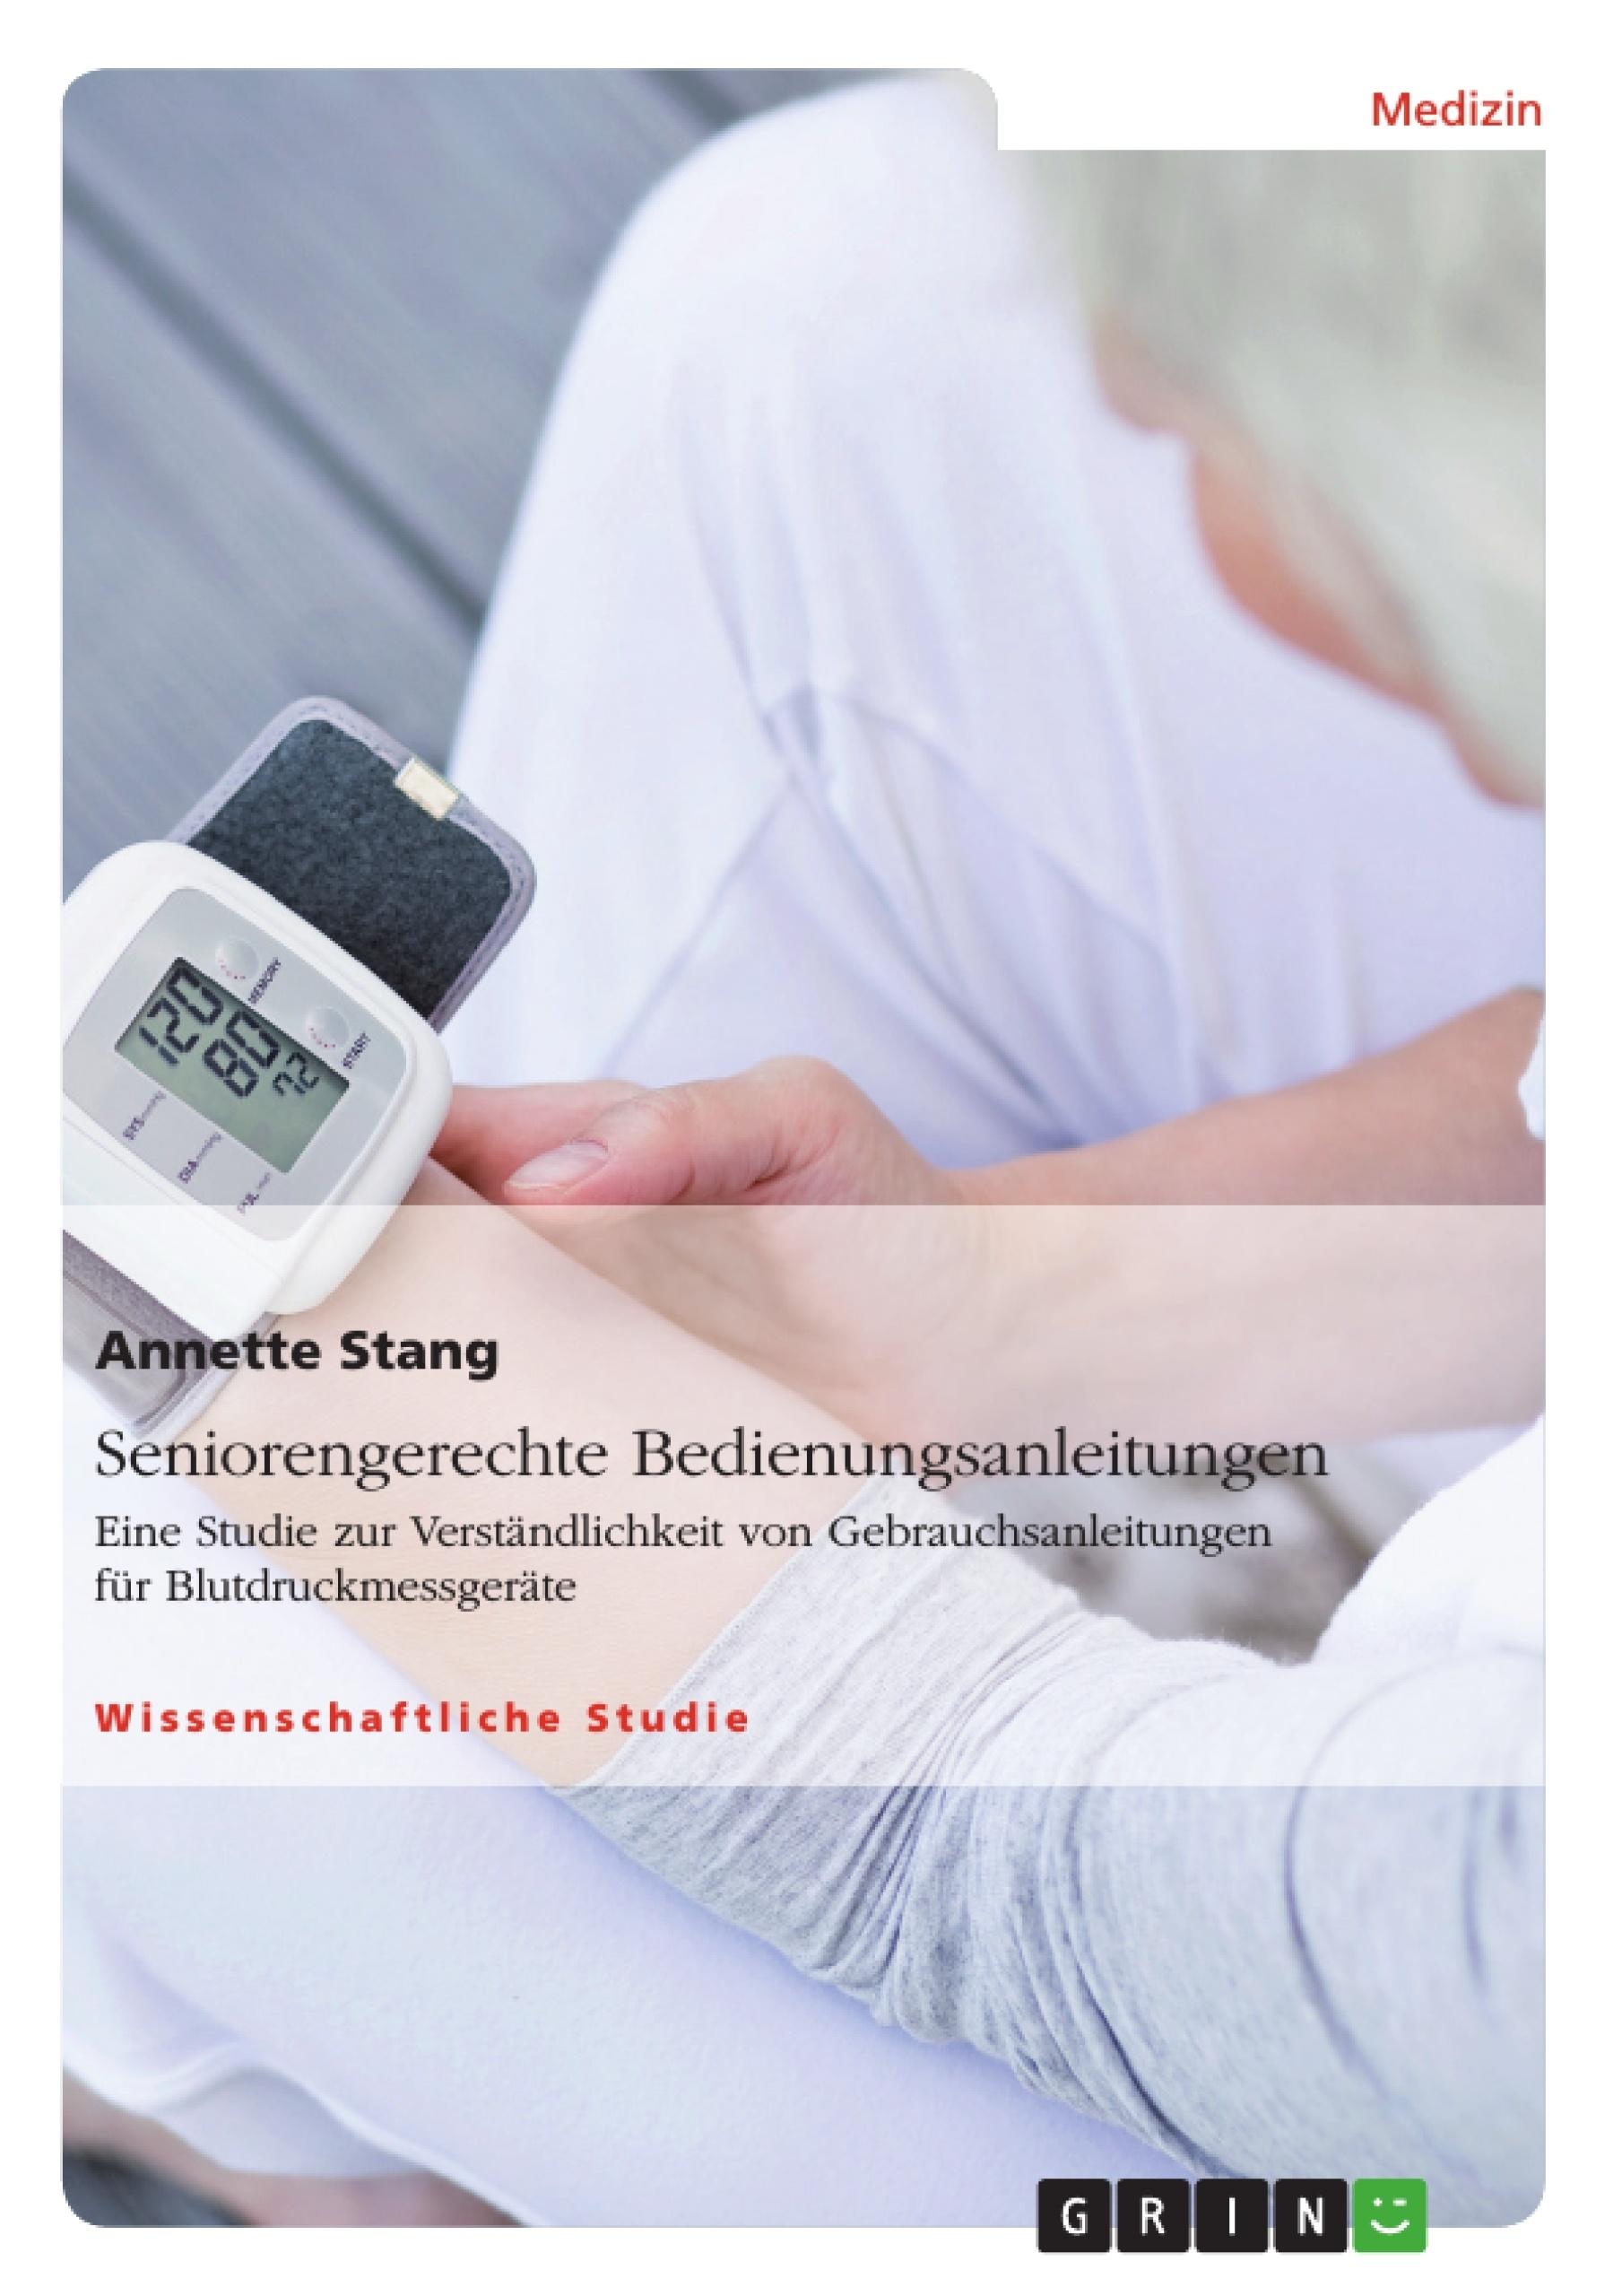 Titel: Seniorengerechte Bedienungsanleitungen. Eine Studie zur Verständlichkeit von Gebrauchsanleitungen für Blutdruckmessgeräte